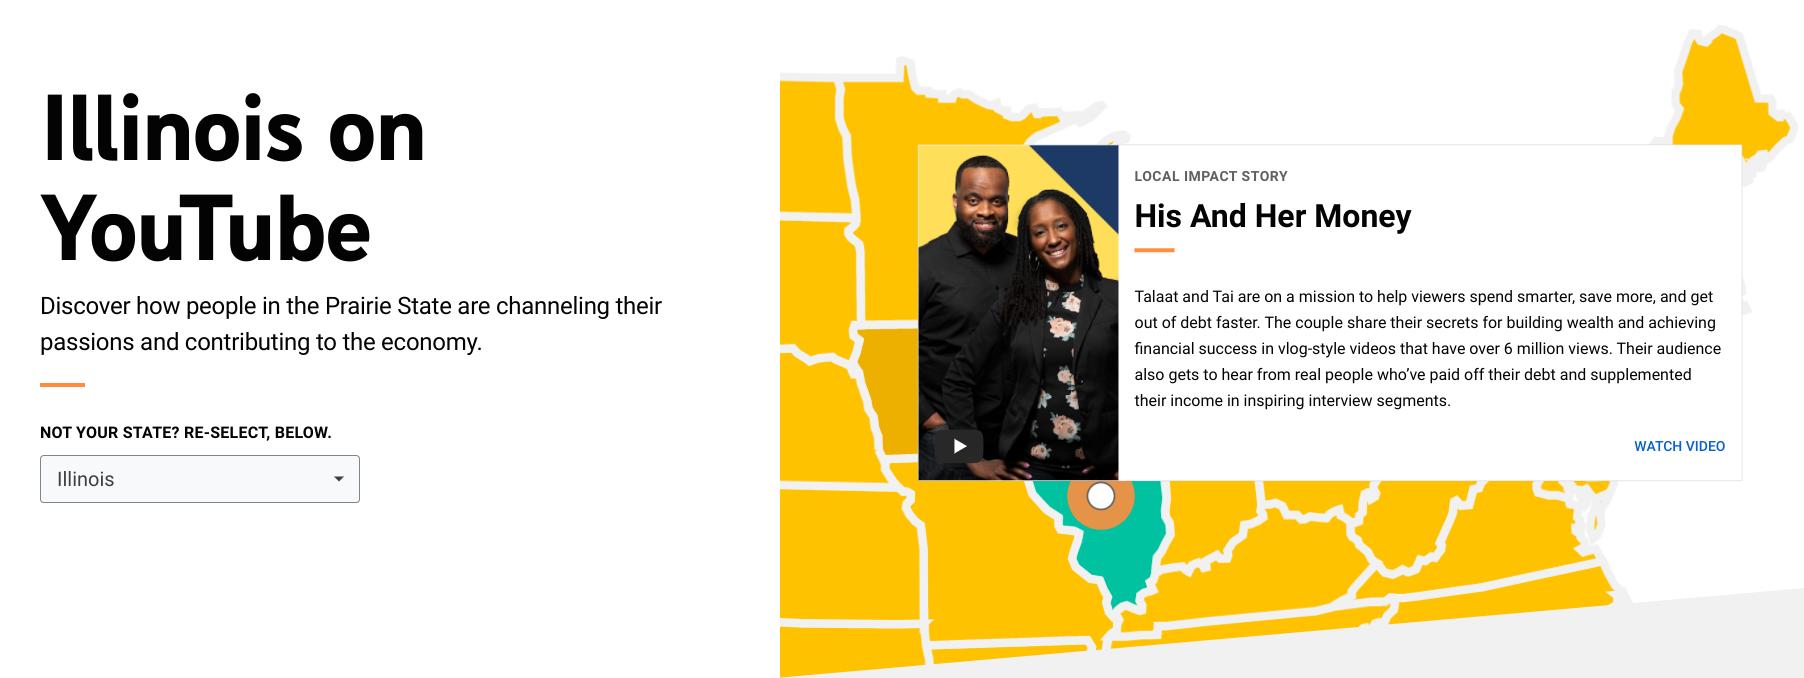 Illinois on YouTube